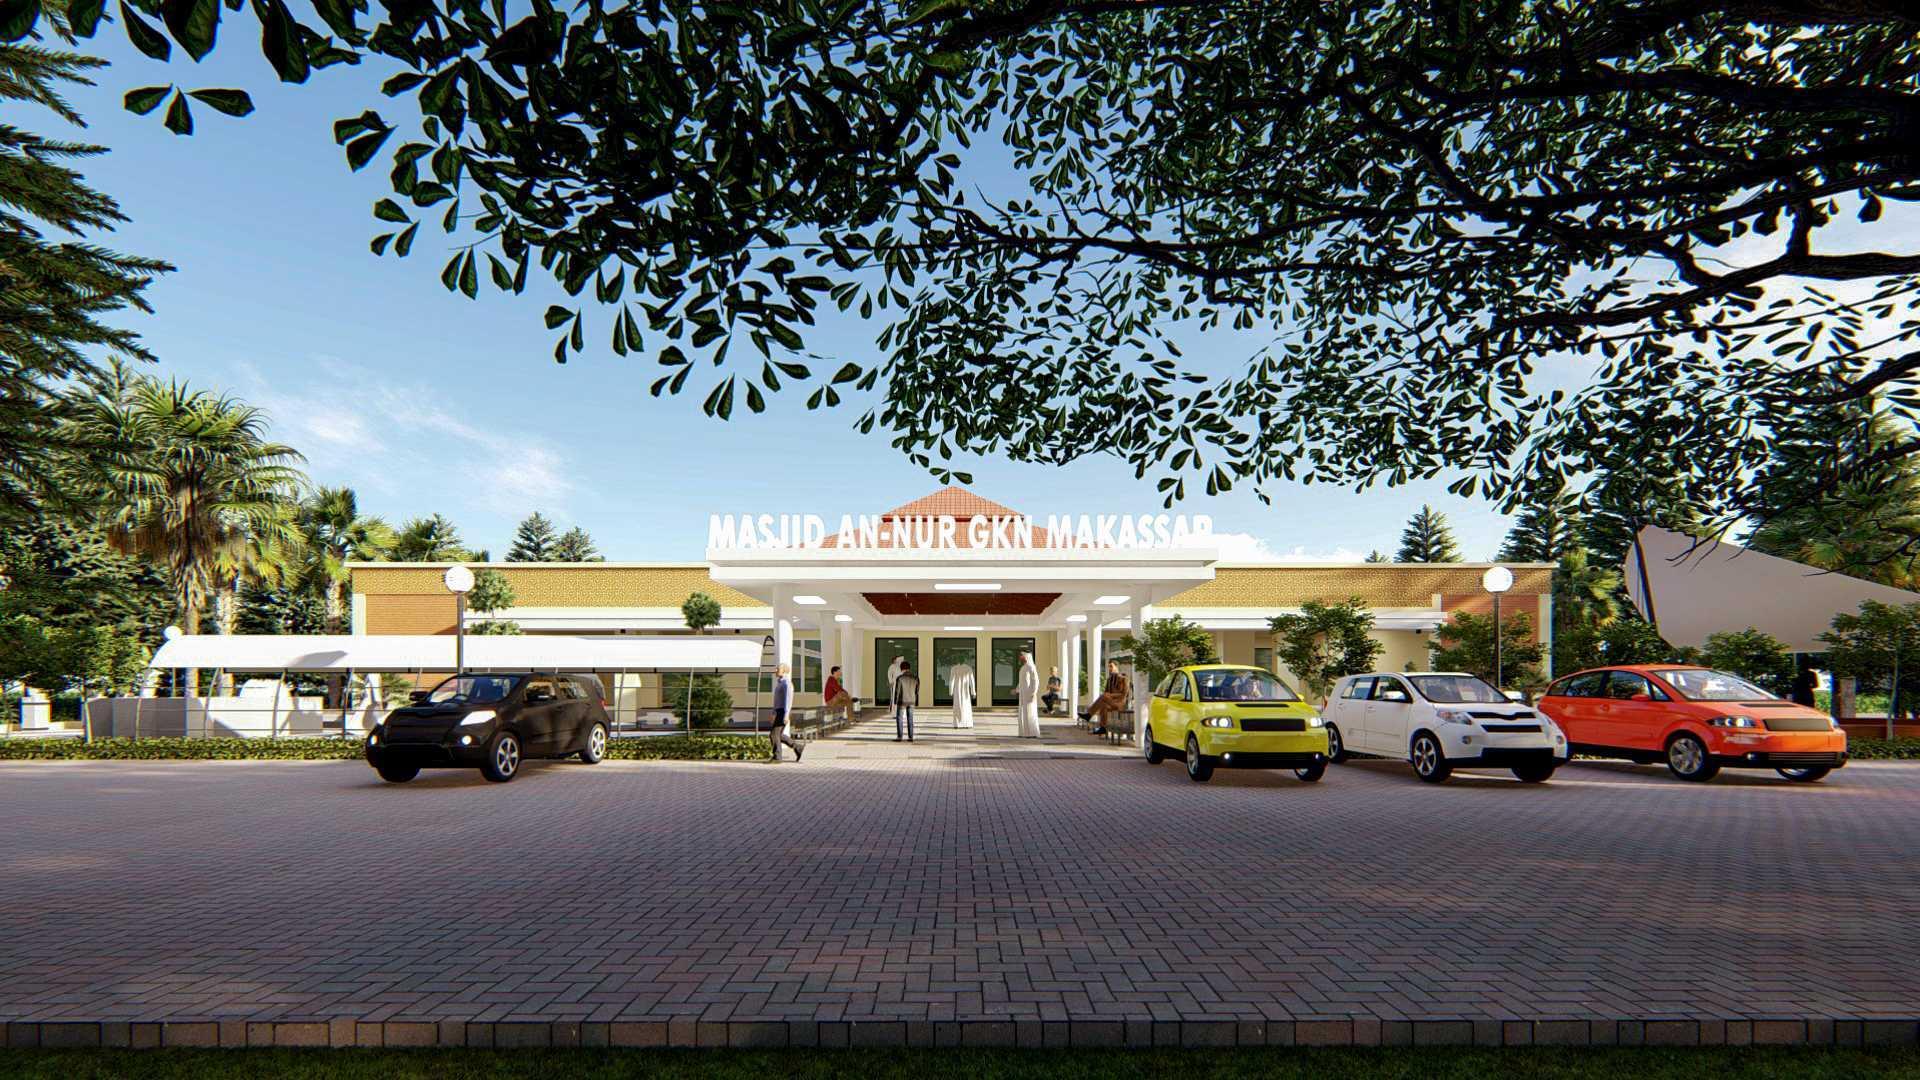 Dib Studio Masjid An-Nur Gkn Makassar, Kota Makassar, Sulawesi Selatan, Indonesia Makassar, Kota Makassar, Sulawesi Selatan, Indonesia Dib-Studio-Masjid-An-Nur-Gkn  85870